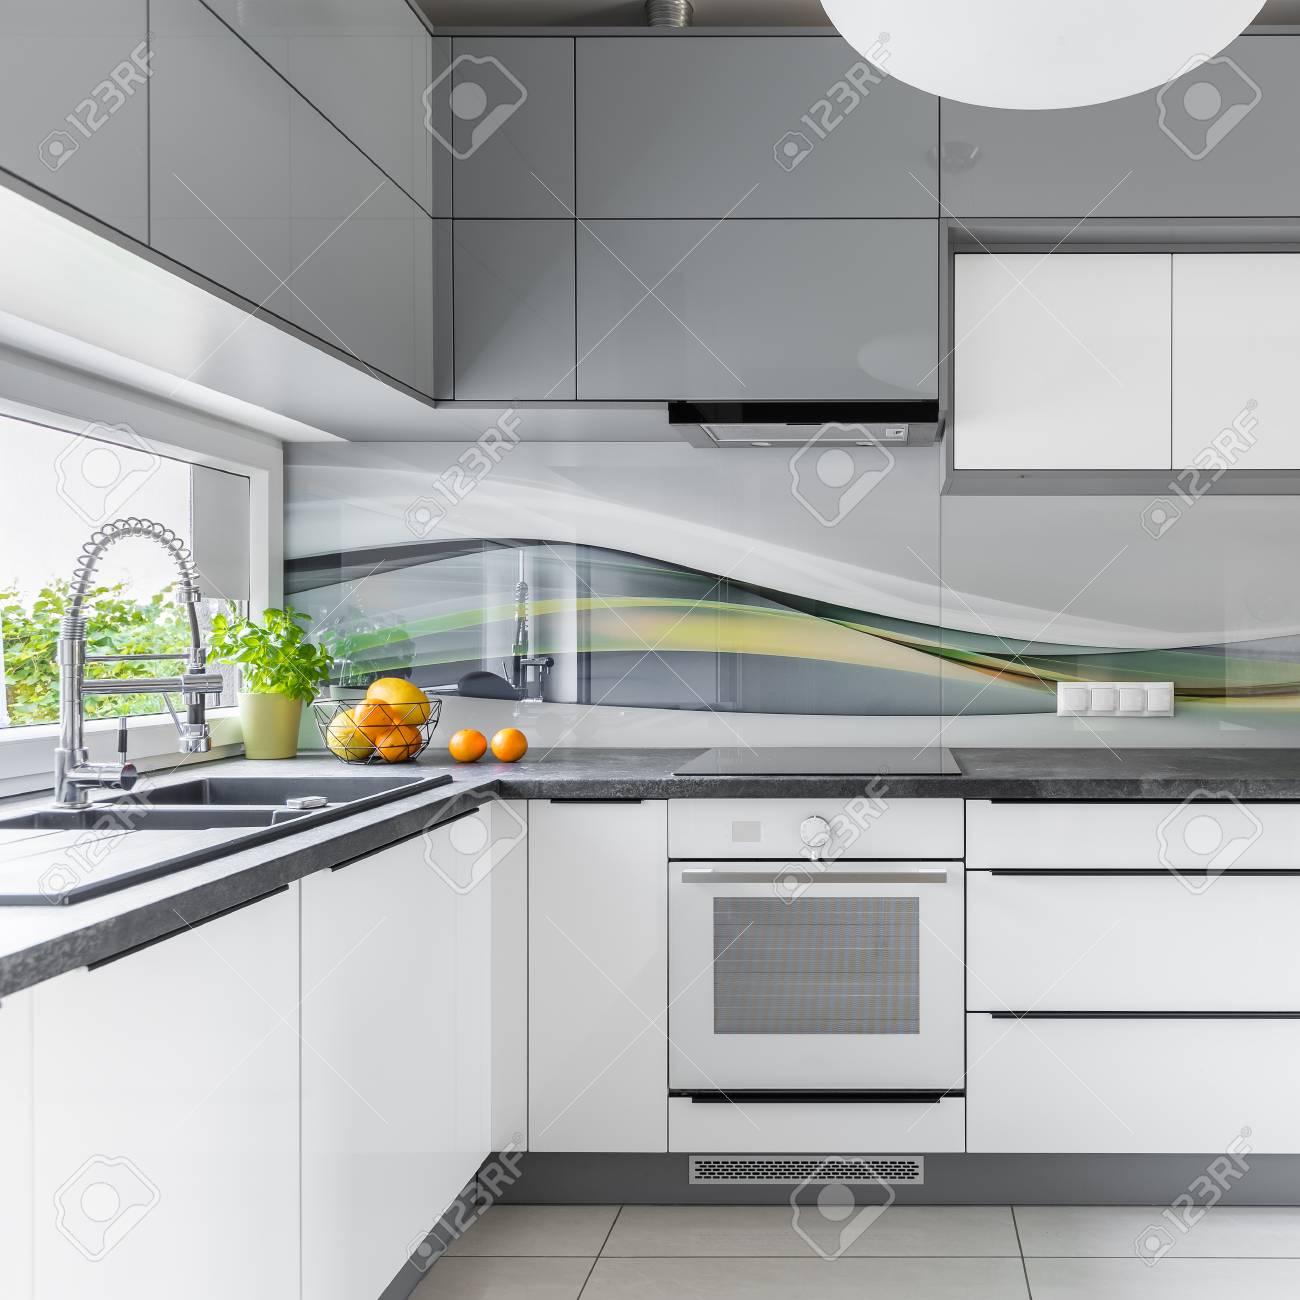 cuisine fonctionnelle et spacieuse avec fenêtre, meubles en blanc et